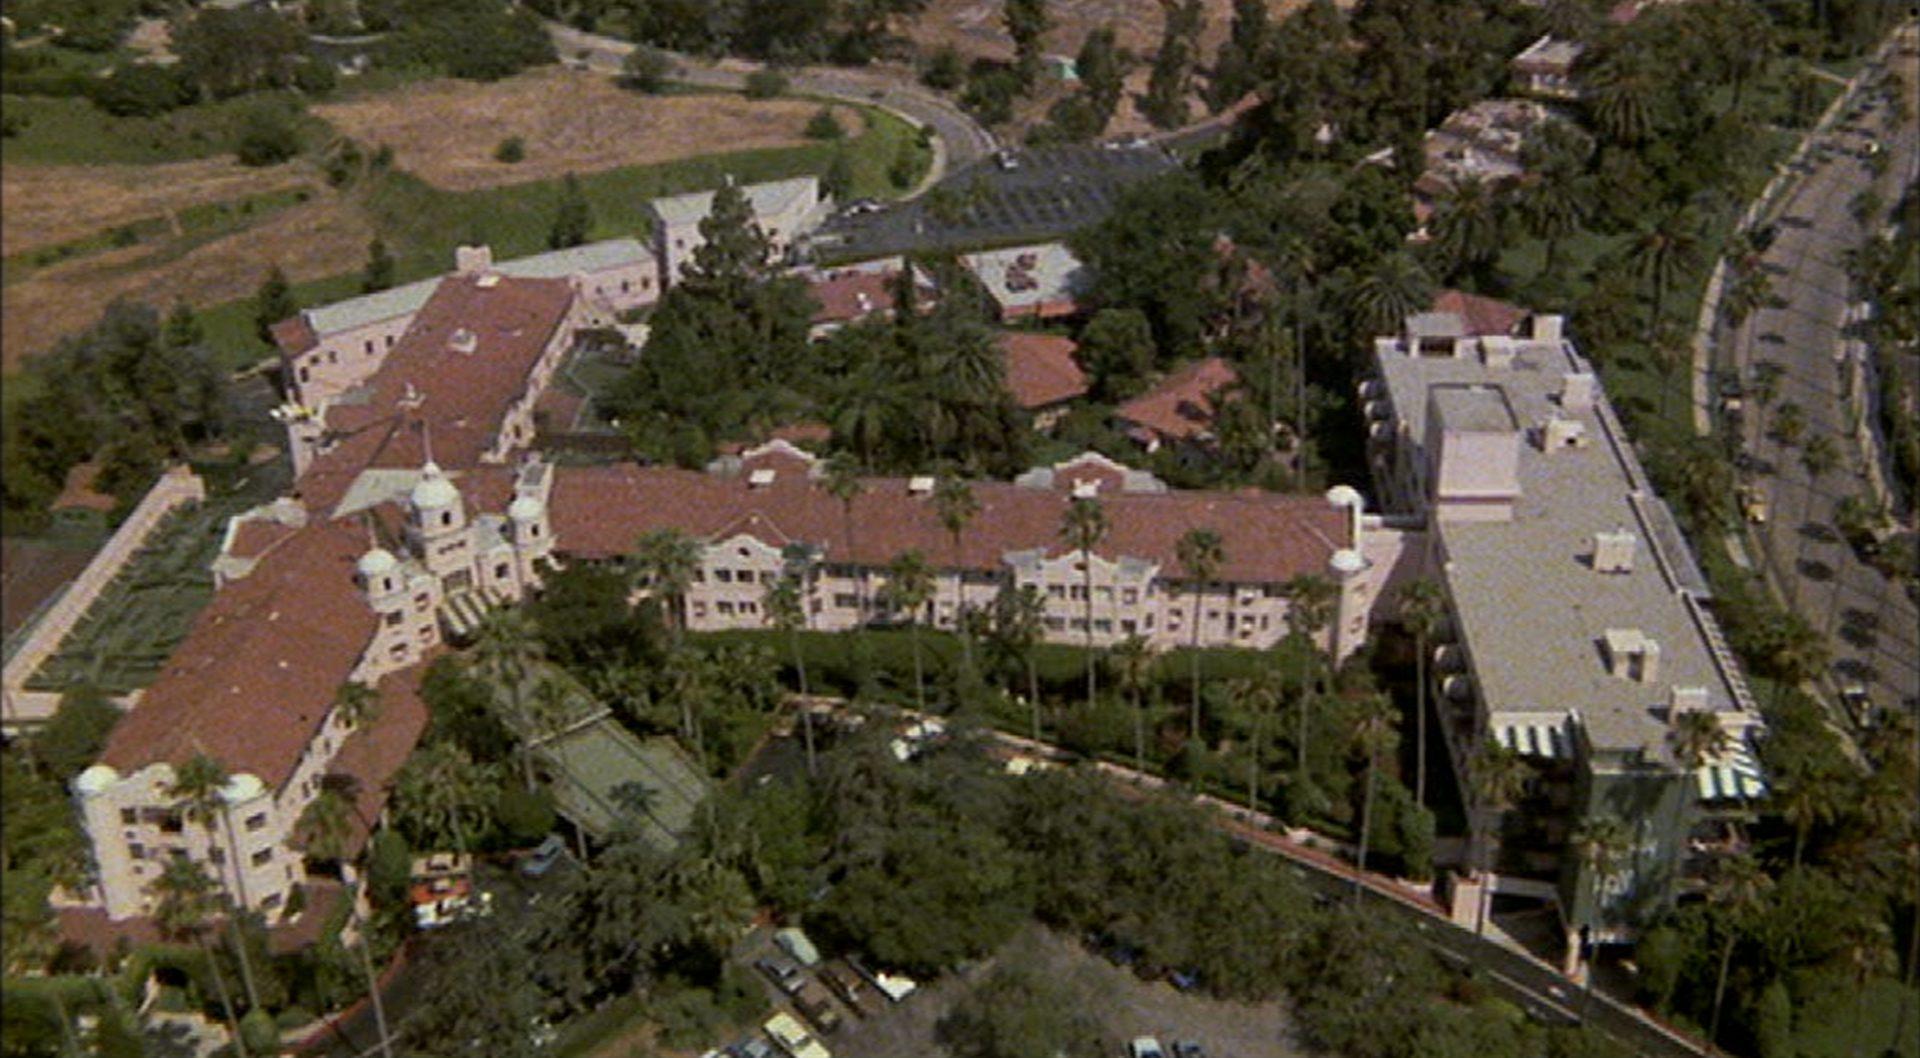 Beverly Hills Hotel aus der Vogelperspektive; der Gebäudekomplex ist von etlichen Palmen umgeben.